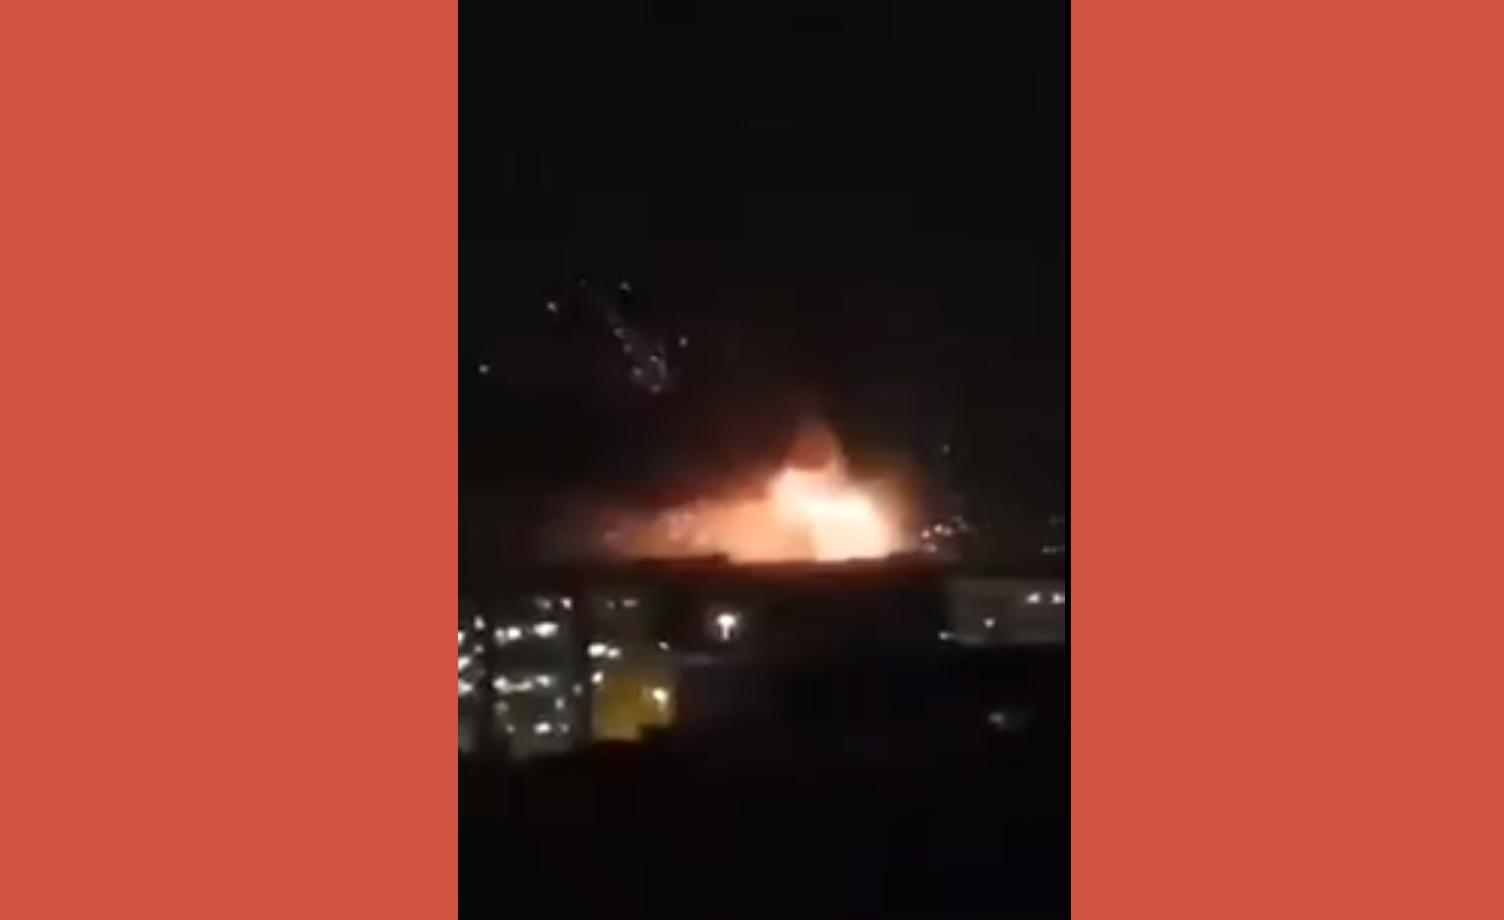 تفاصيل الإنفجارات التي هزت شمال إيران الليلة مستهدفة منشأة عسكرية خطيرة